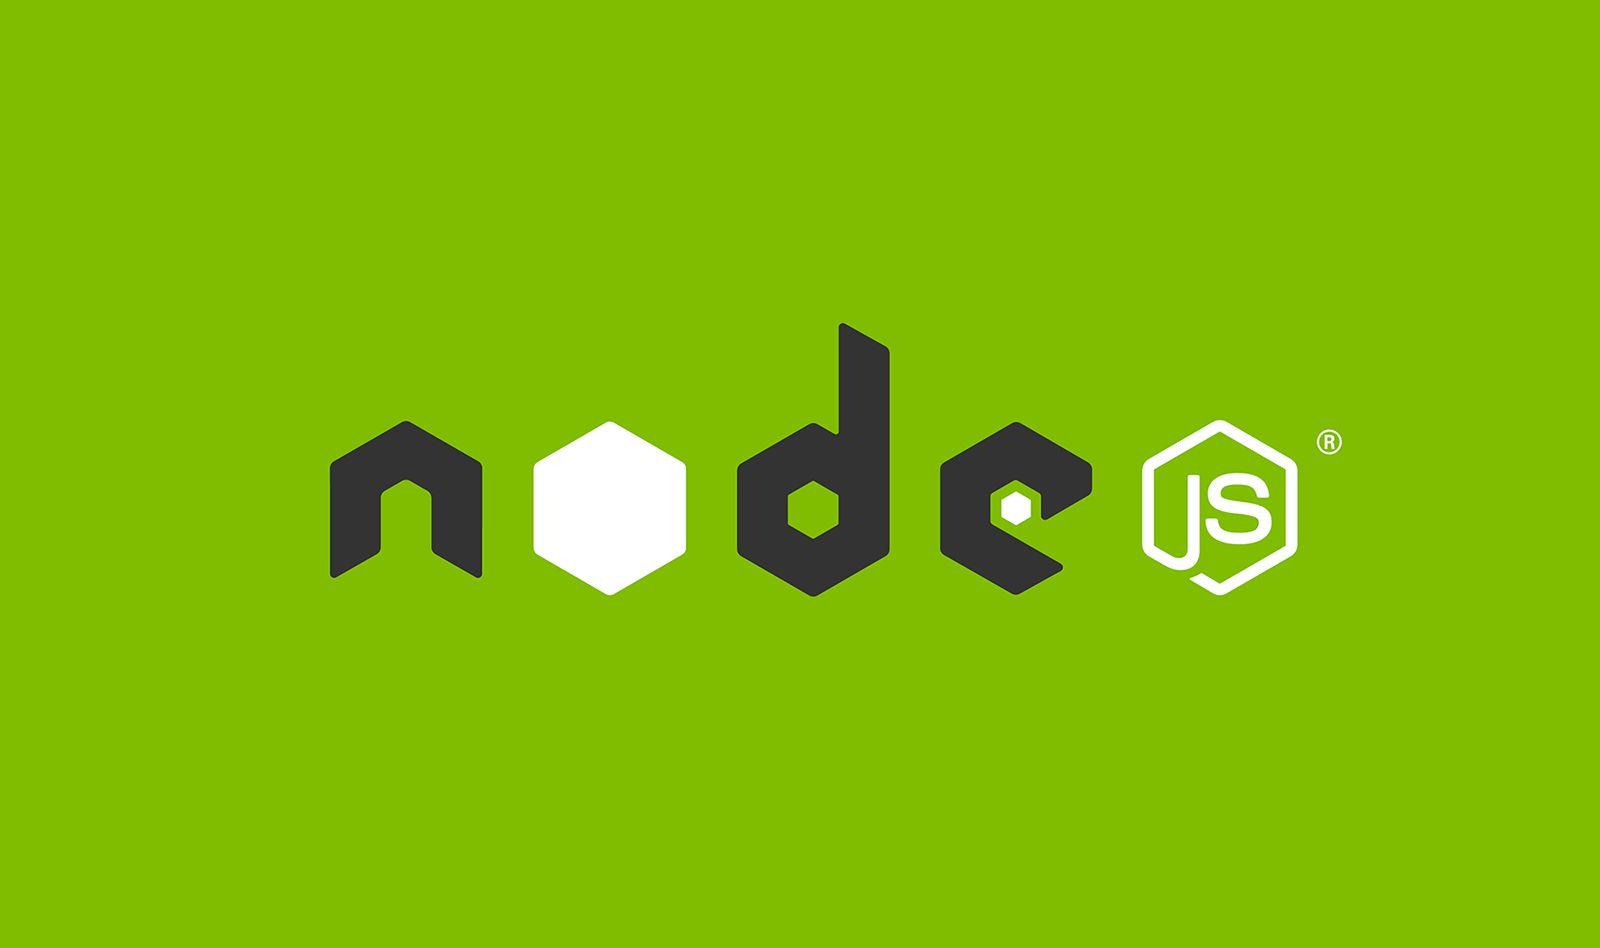 /decoding-nodejs-4cp3txb feature image